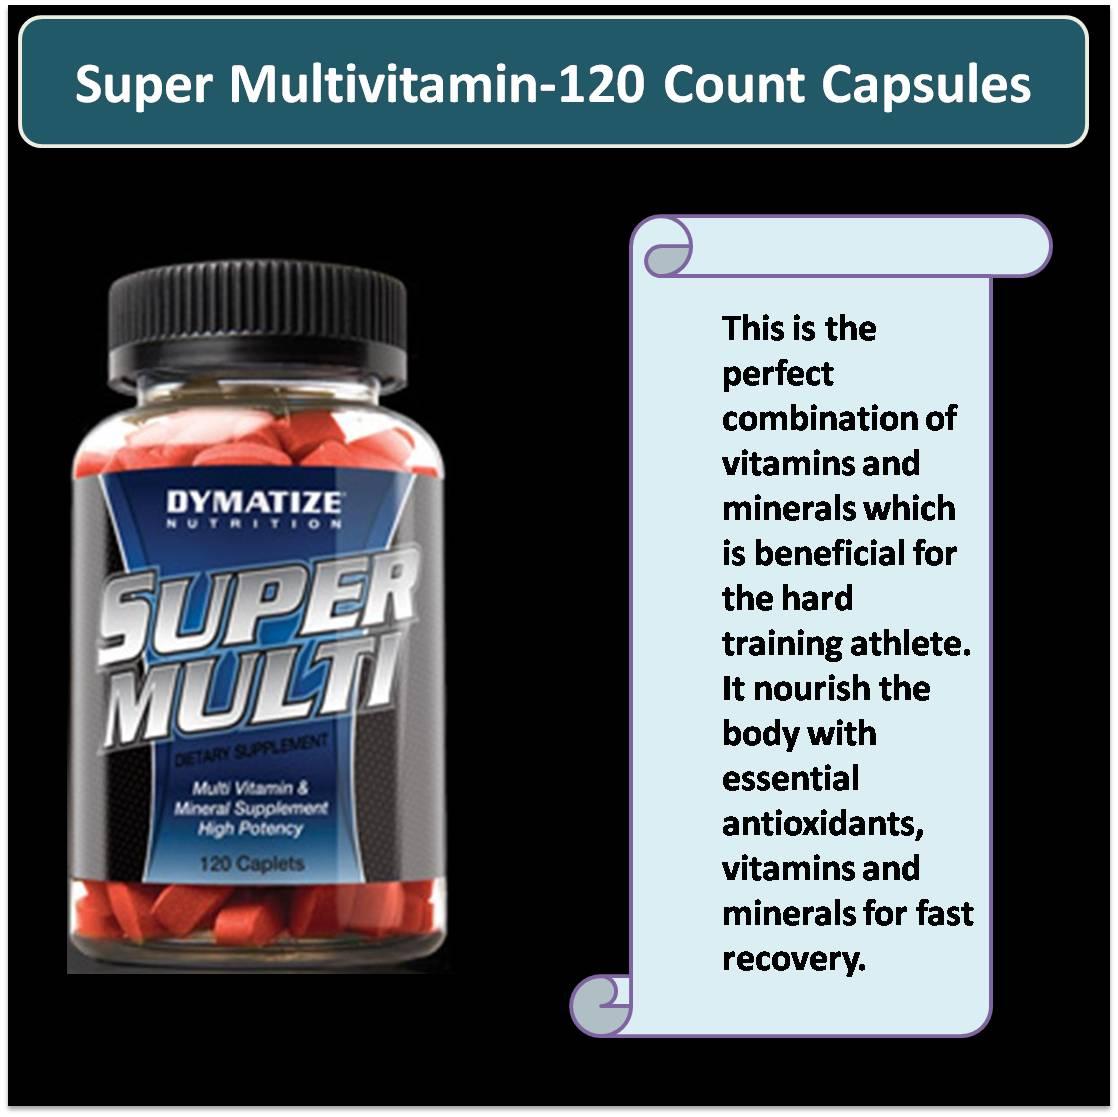 Super Multivitamin-120 Count Capsules